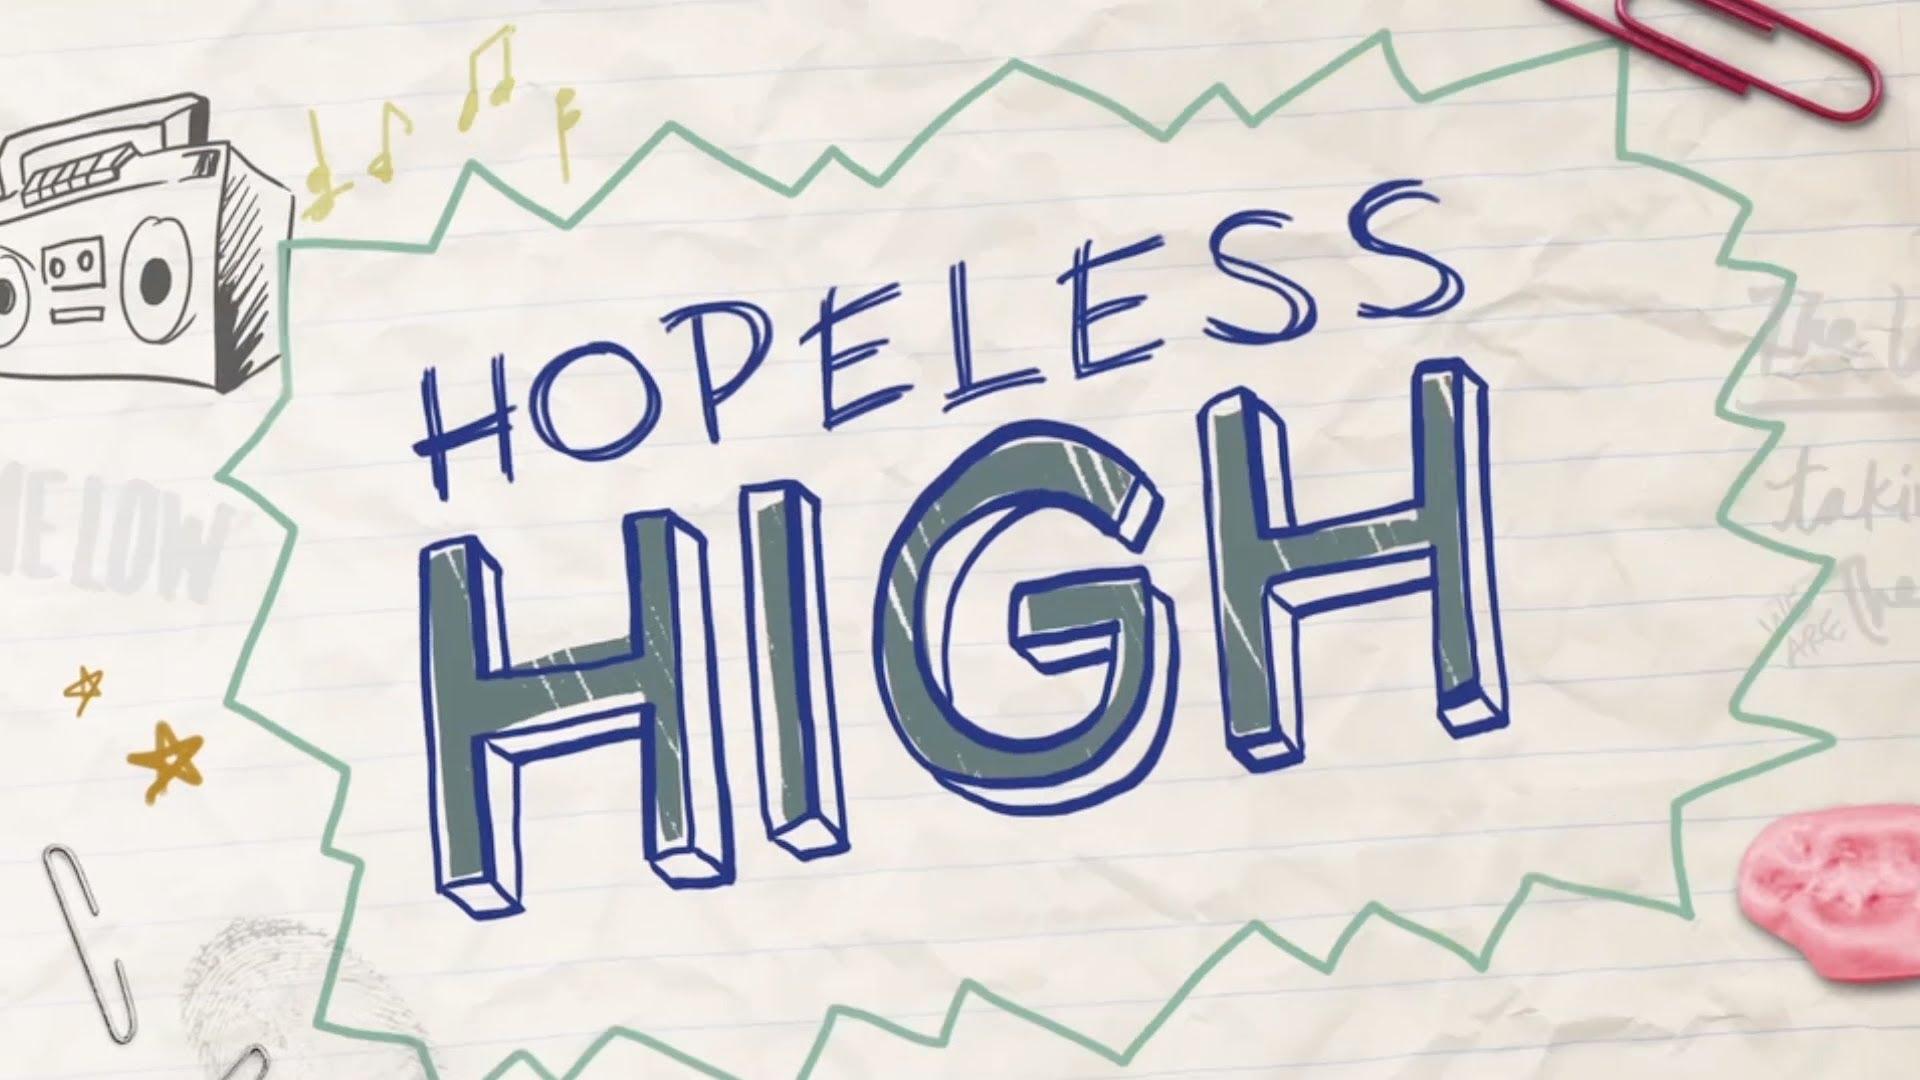 Hopeless High - Episode 6 Olympics Fin